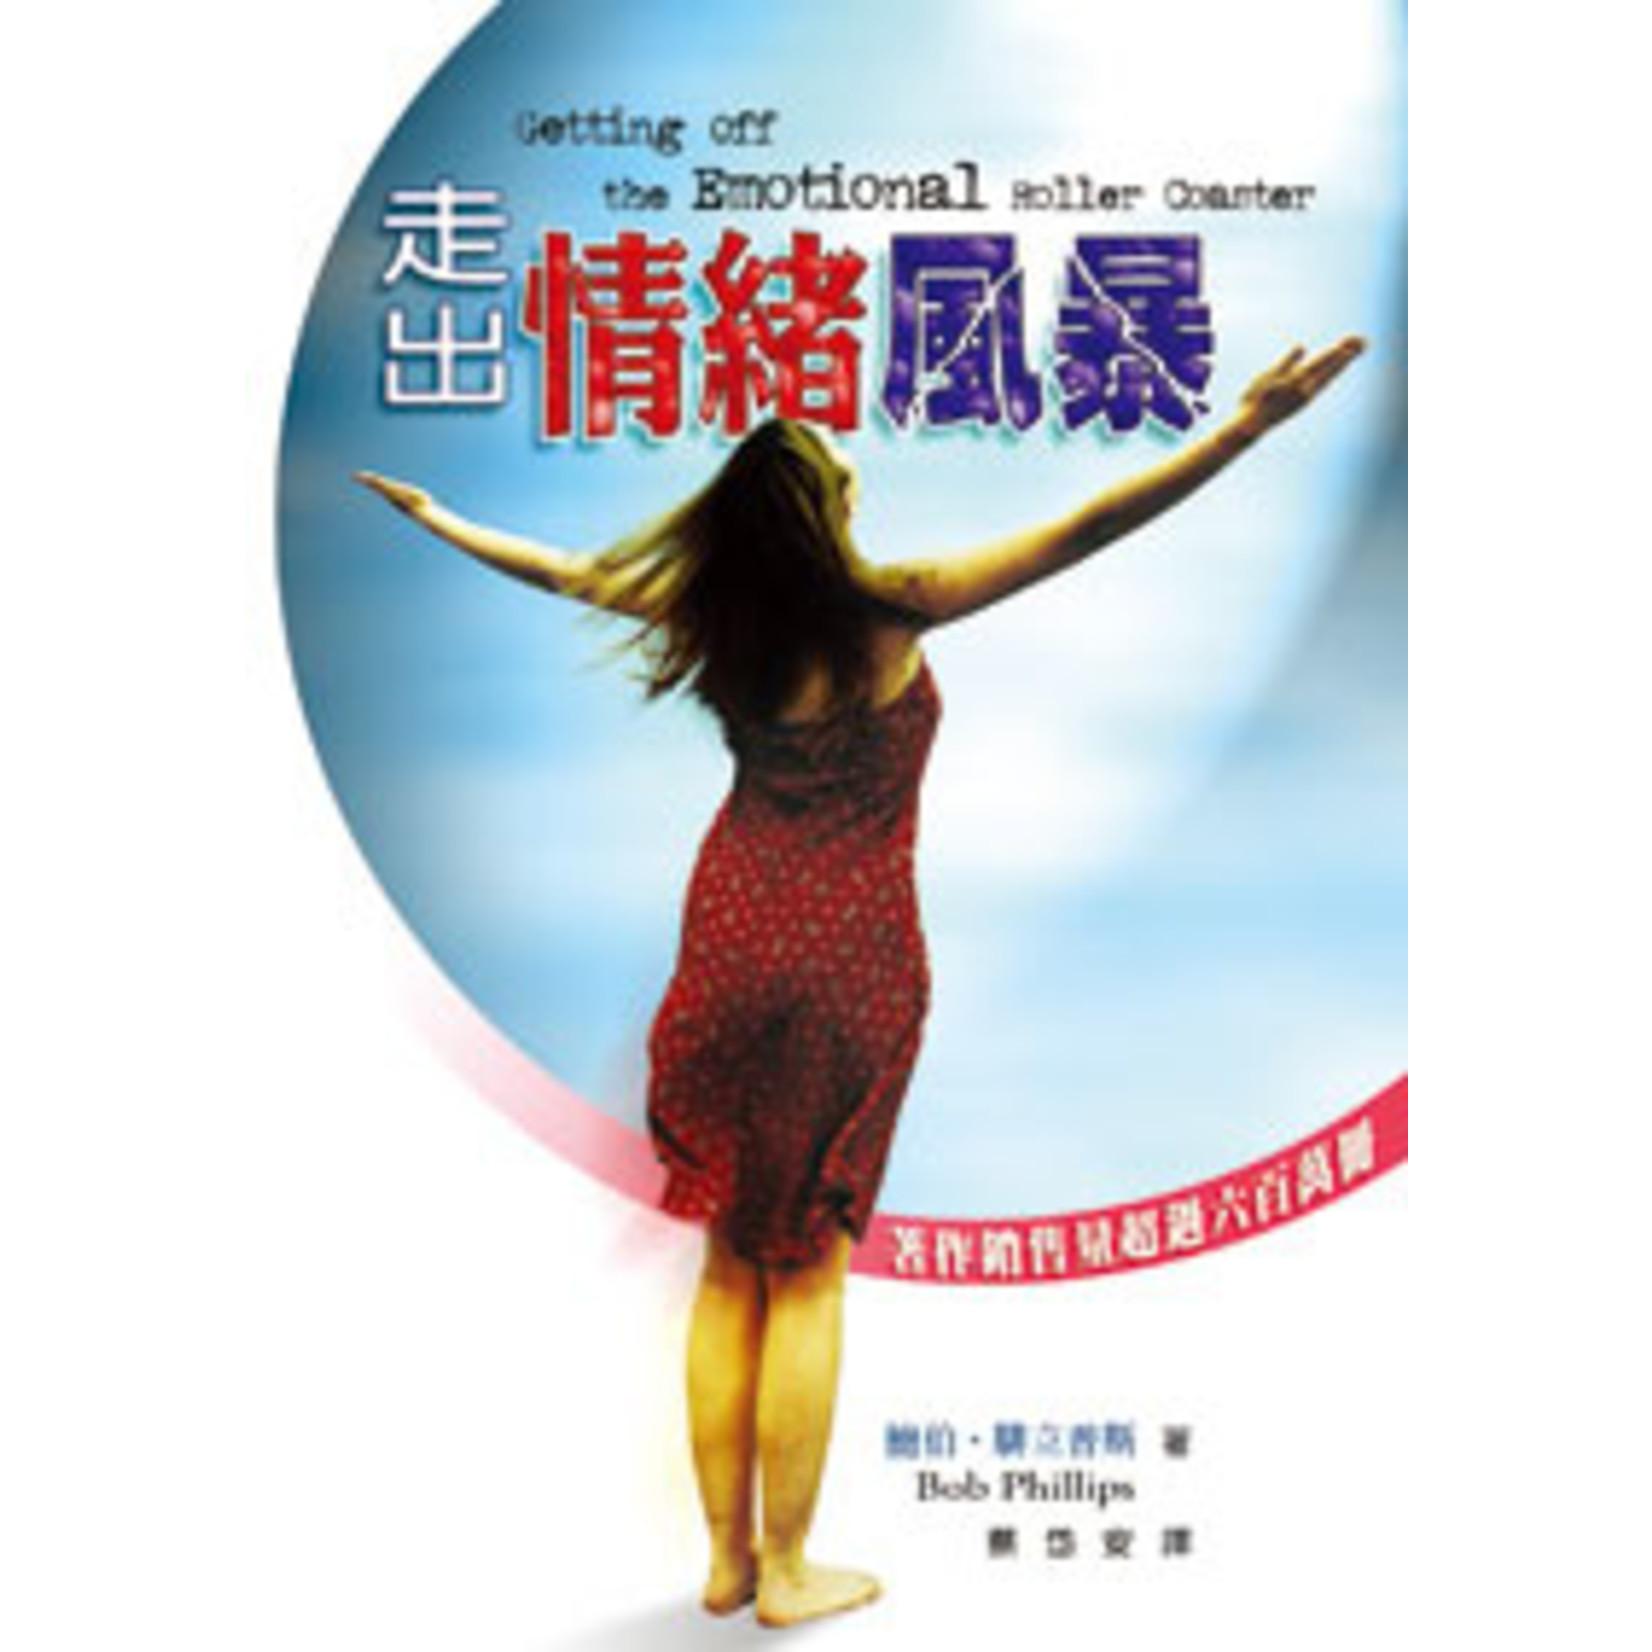 台福傳播中心 Evangelical Formosan Church Communication Center 走出情緒風暴 Getting Off The Emotional Roller Coaster